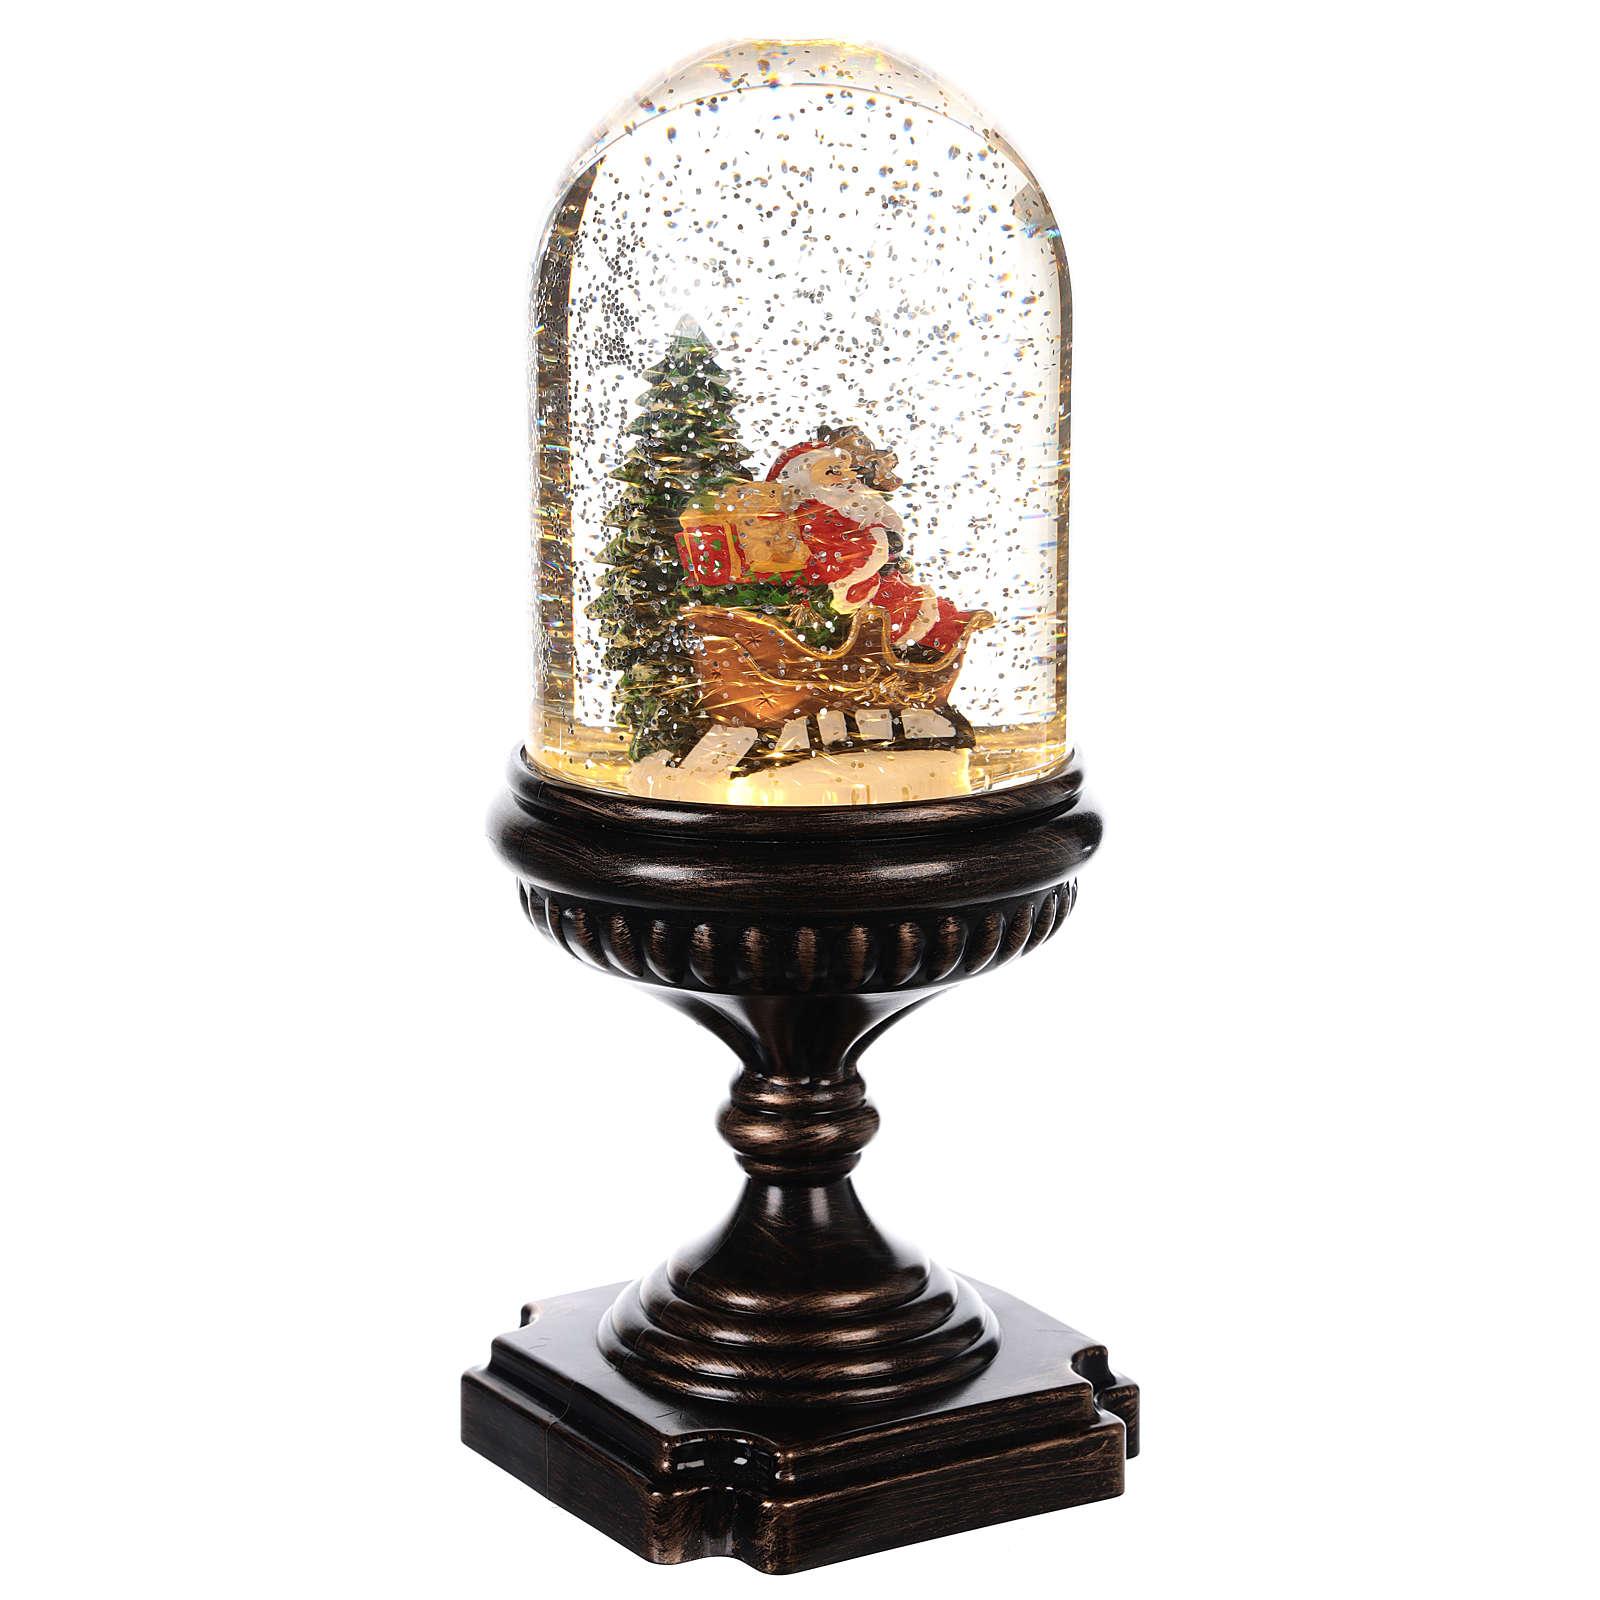 Snow globe with Santa on sleigh 25x12x12 cm 3